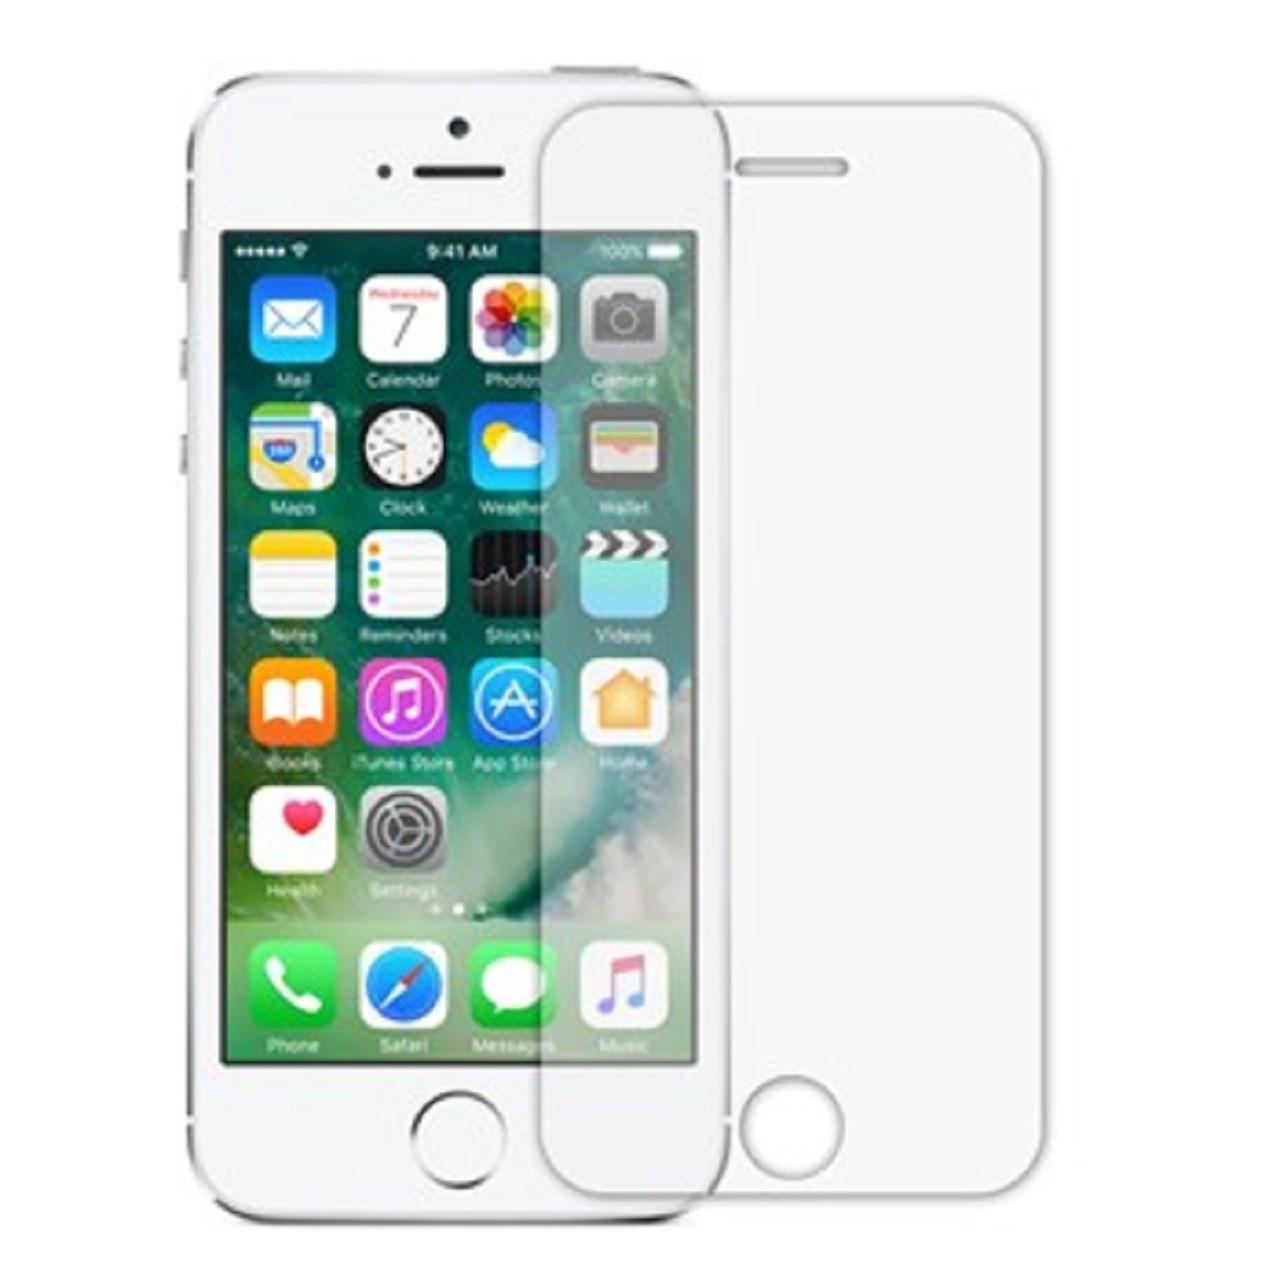 محافظ صفحه نمایش شیشه ای 9H مناسب برای گوشی موبایل iPhone 5/5S/SE